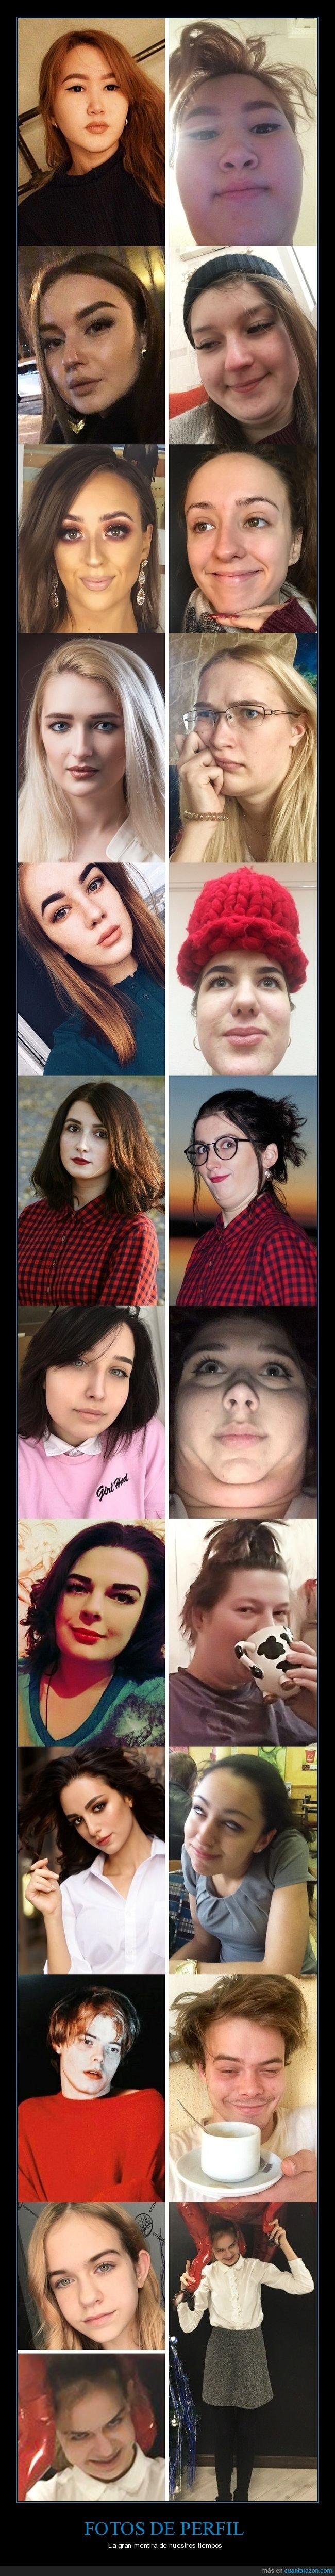 caras,expectativas,fotos de perfil,realidad